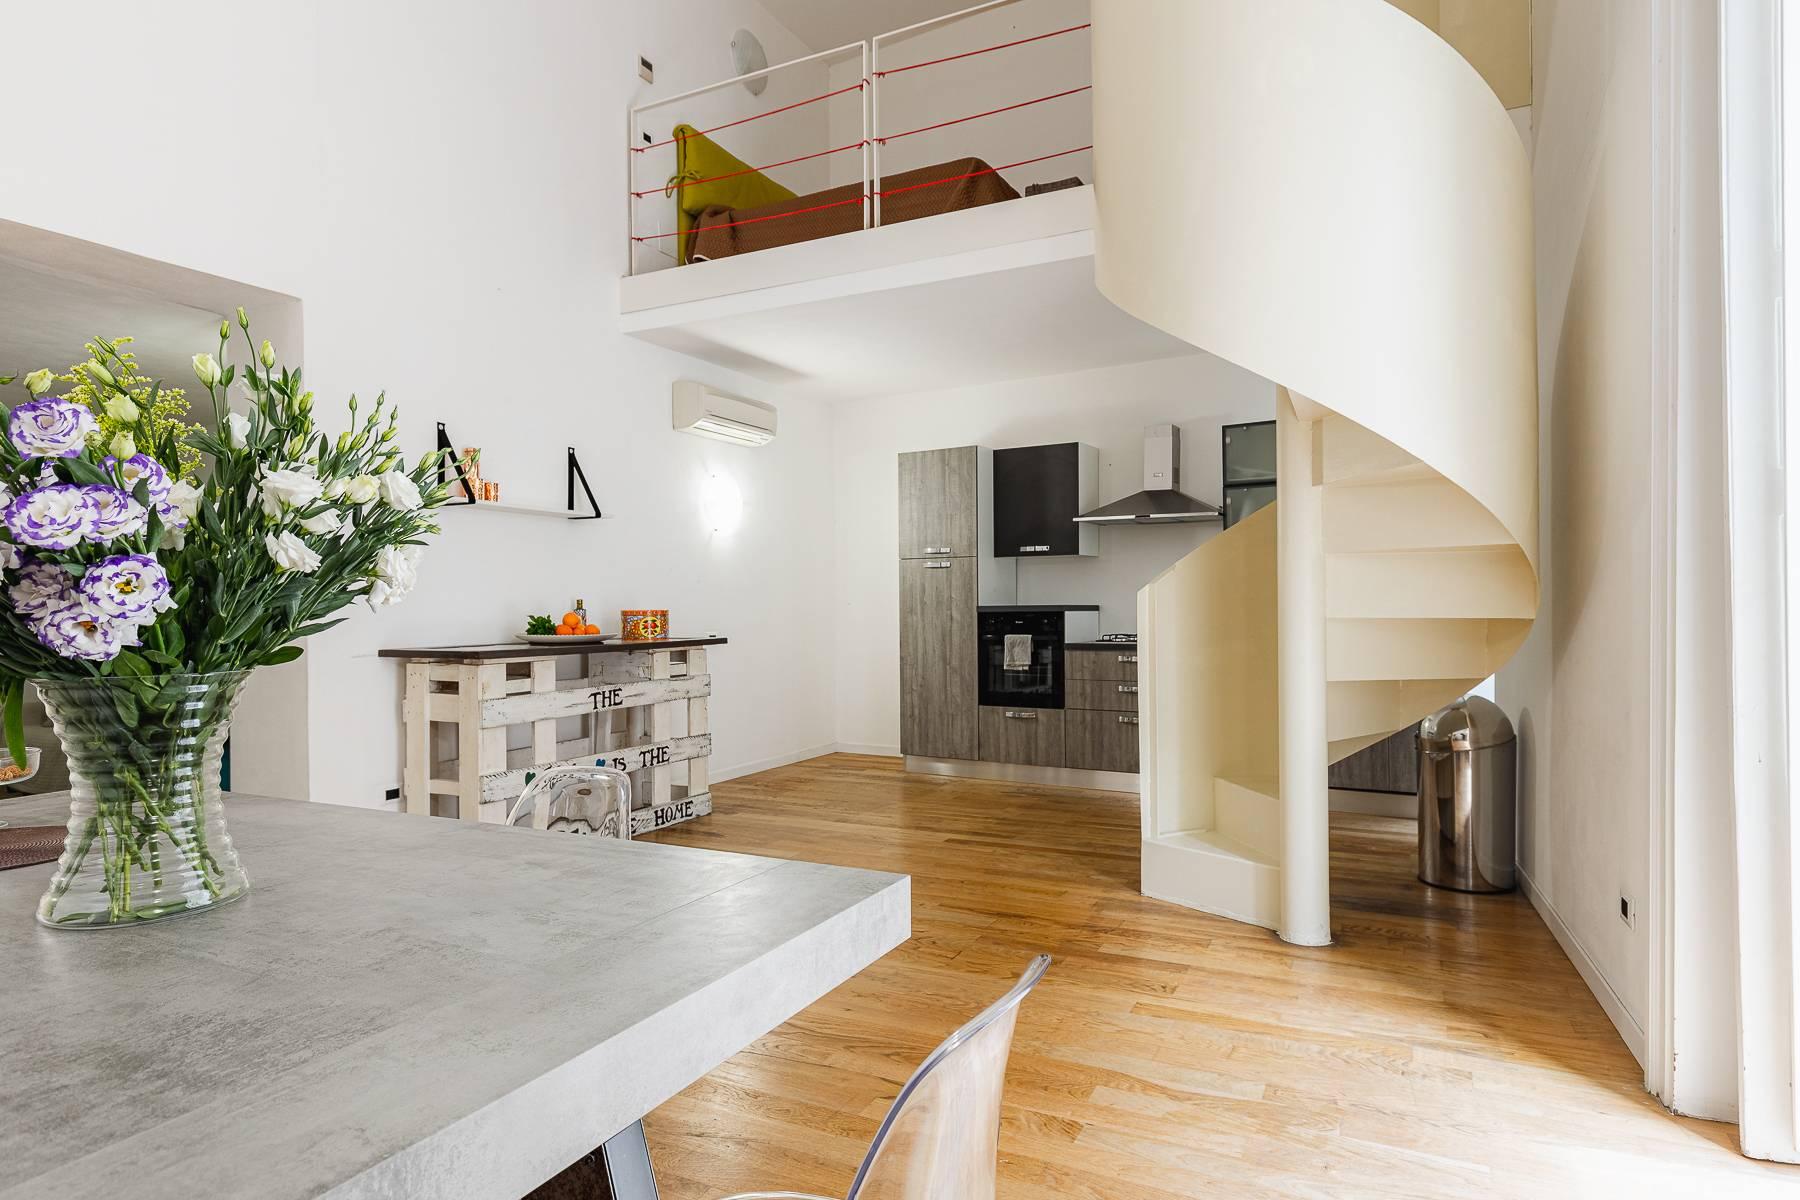 Appartamento in Vendita a Palermo: 4 locali, 154 mq - Foto 6